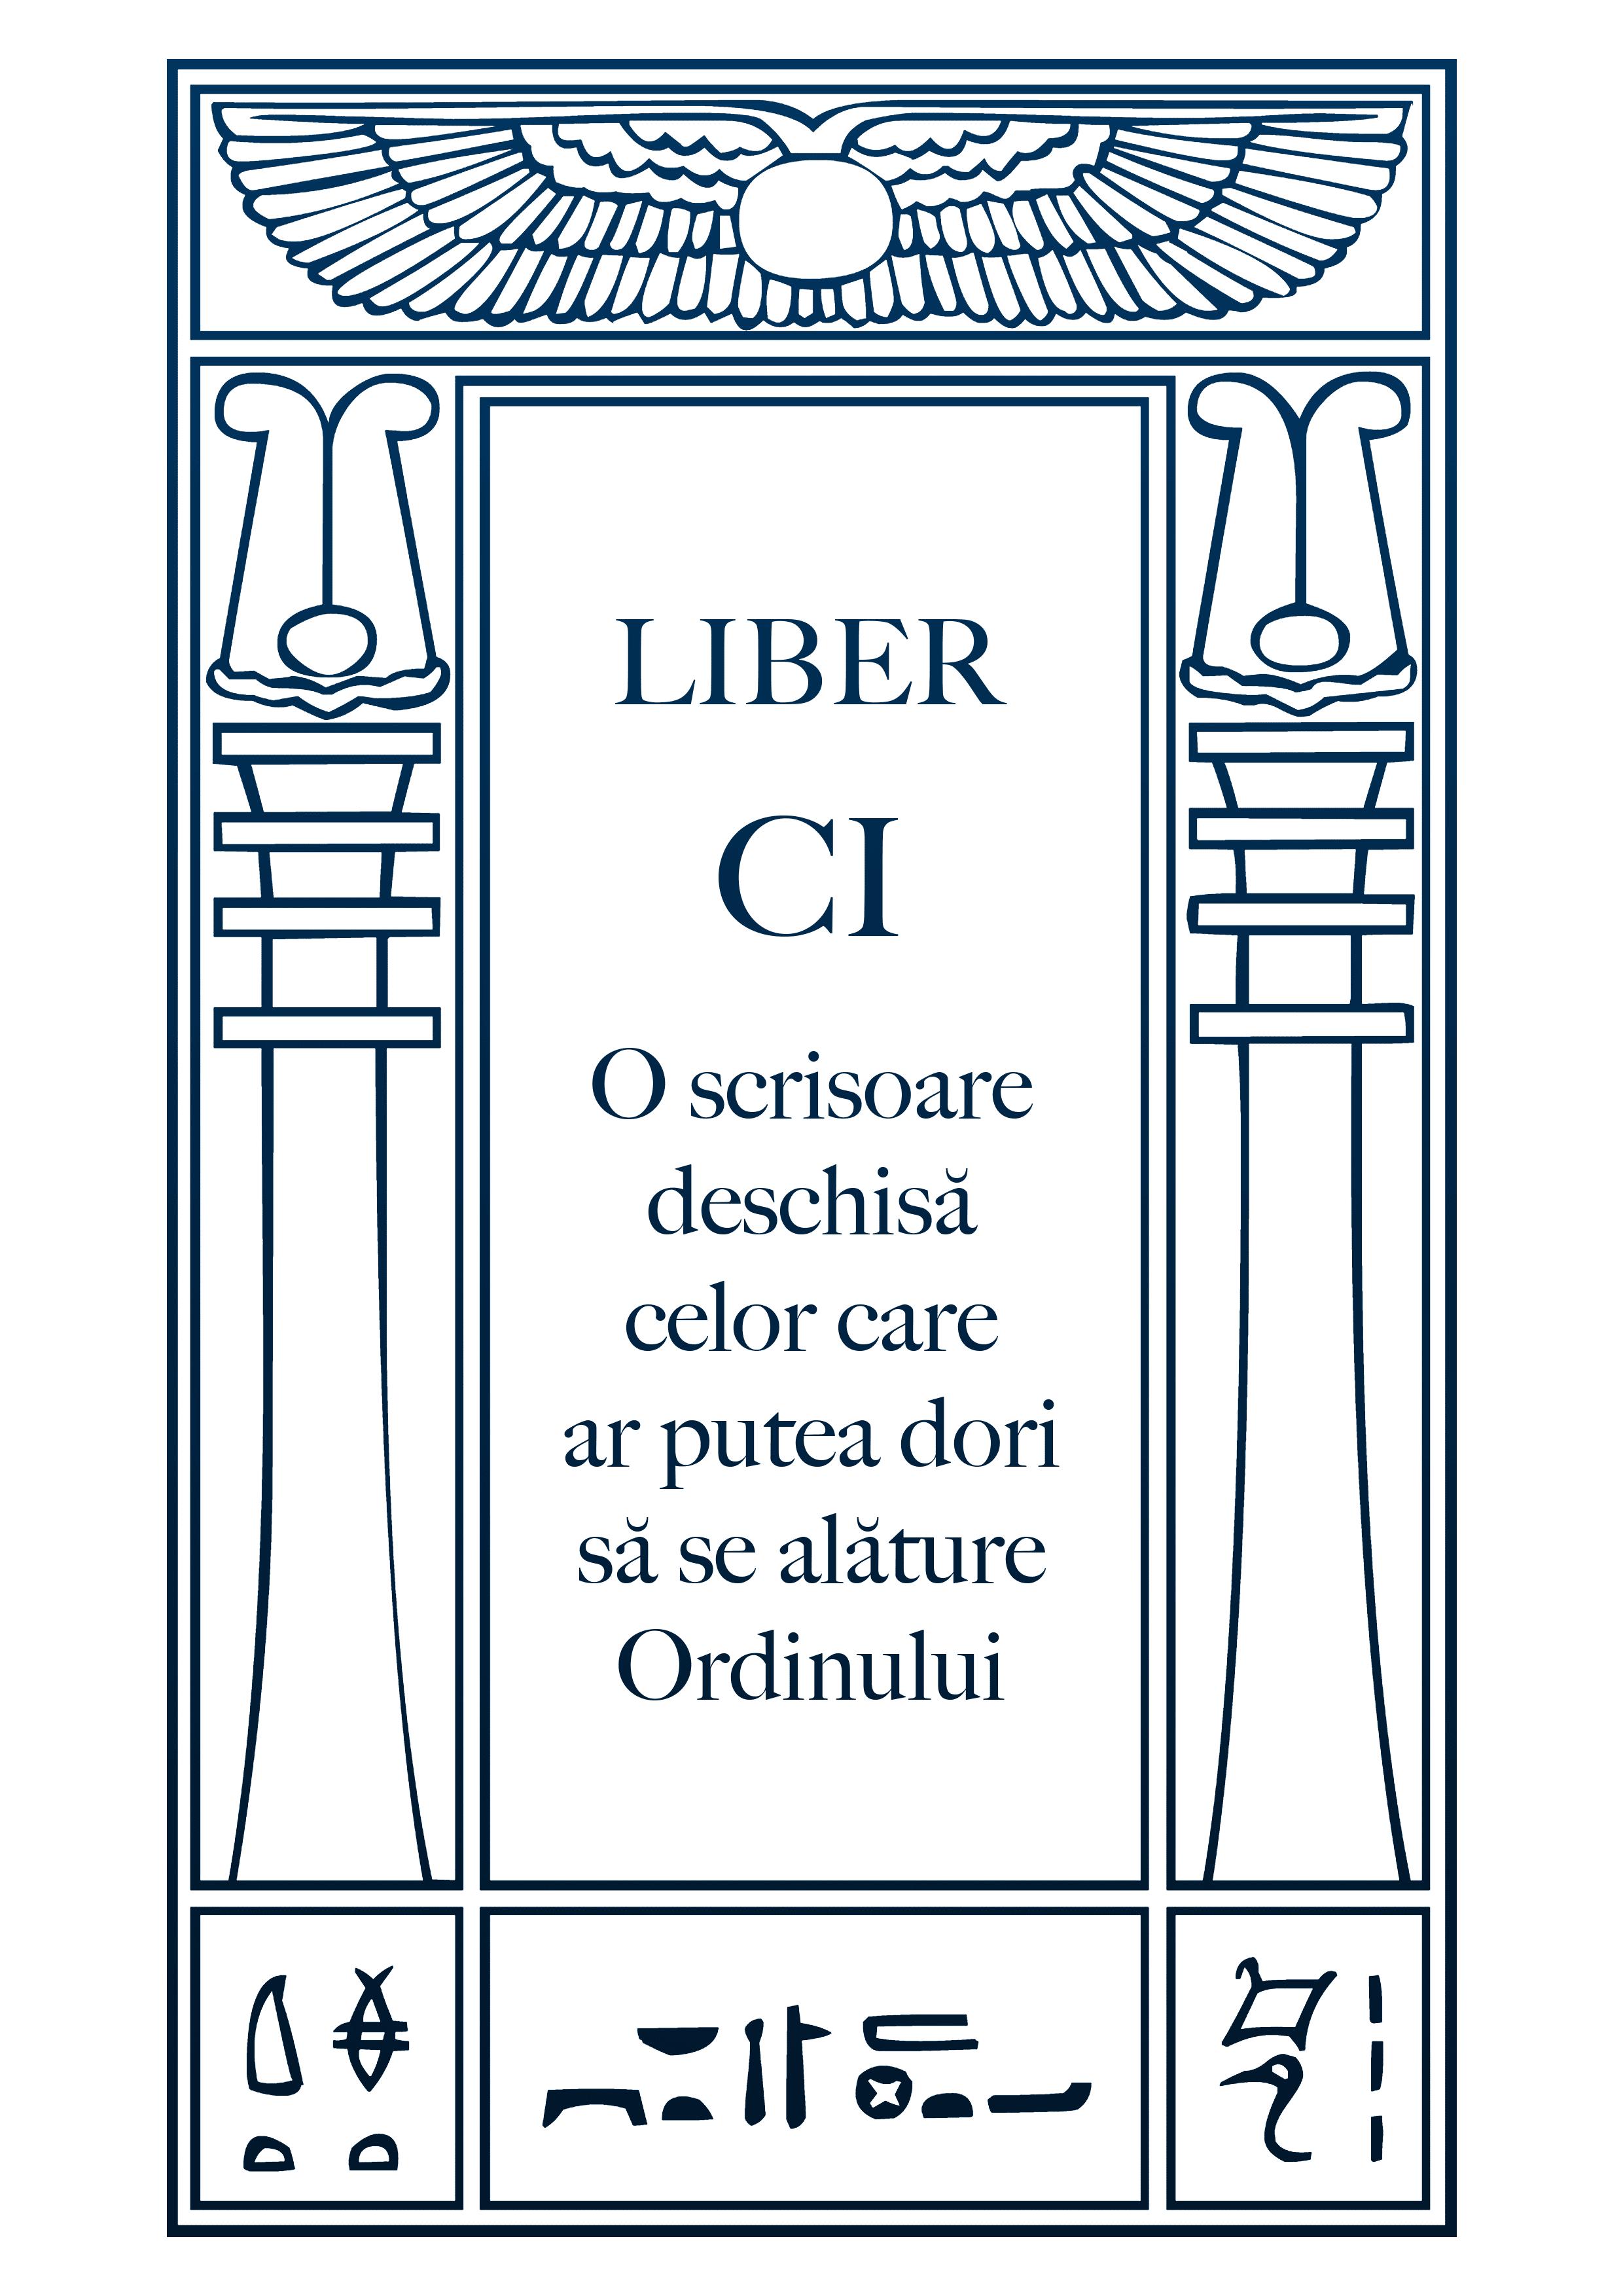 Liber CI – O scrisoare deschisă celor care ar putea dori să se alăture ordinului